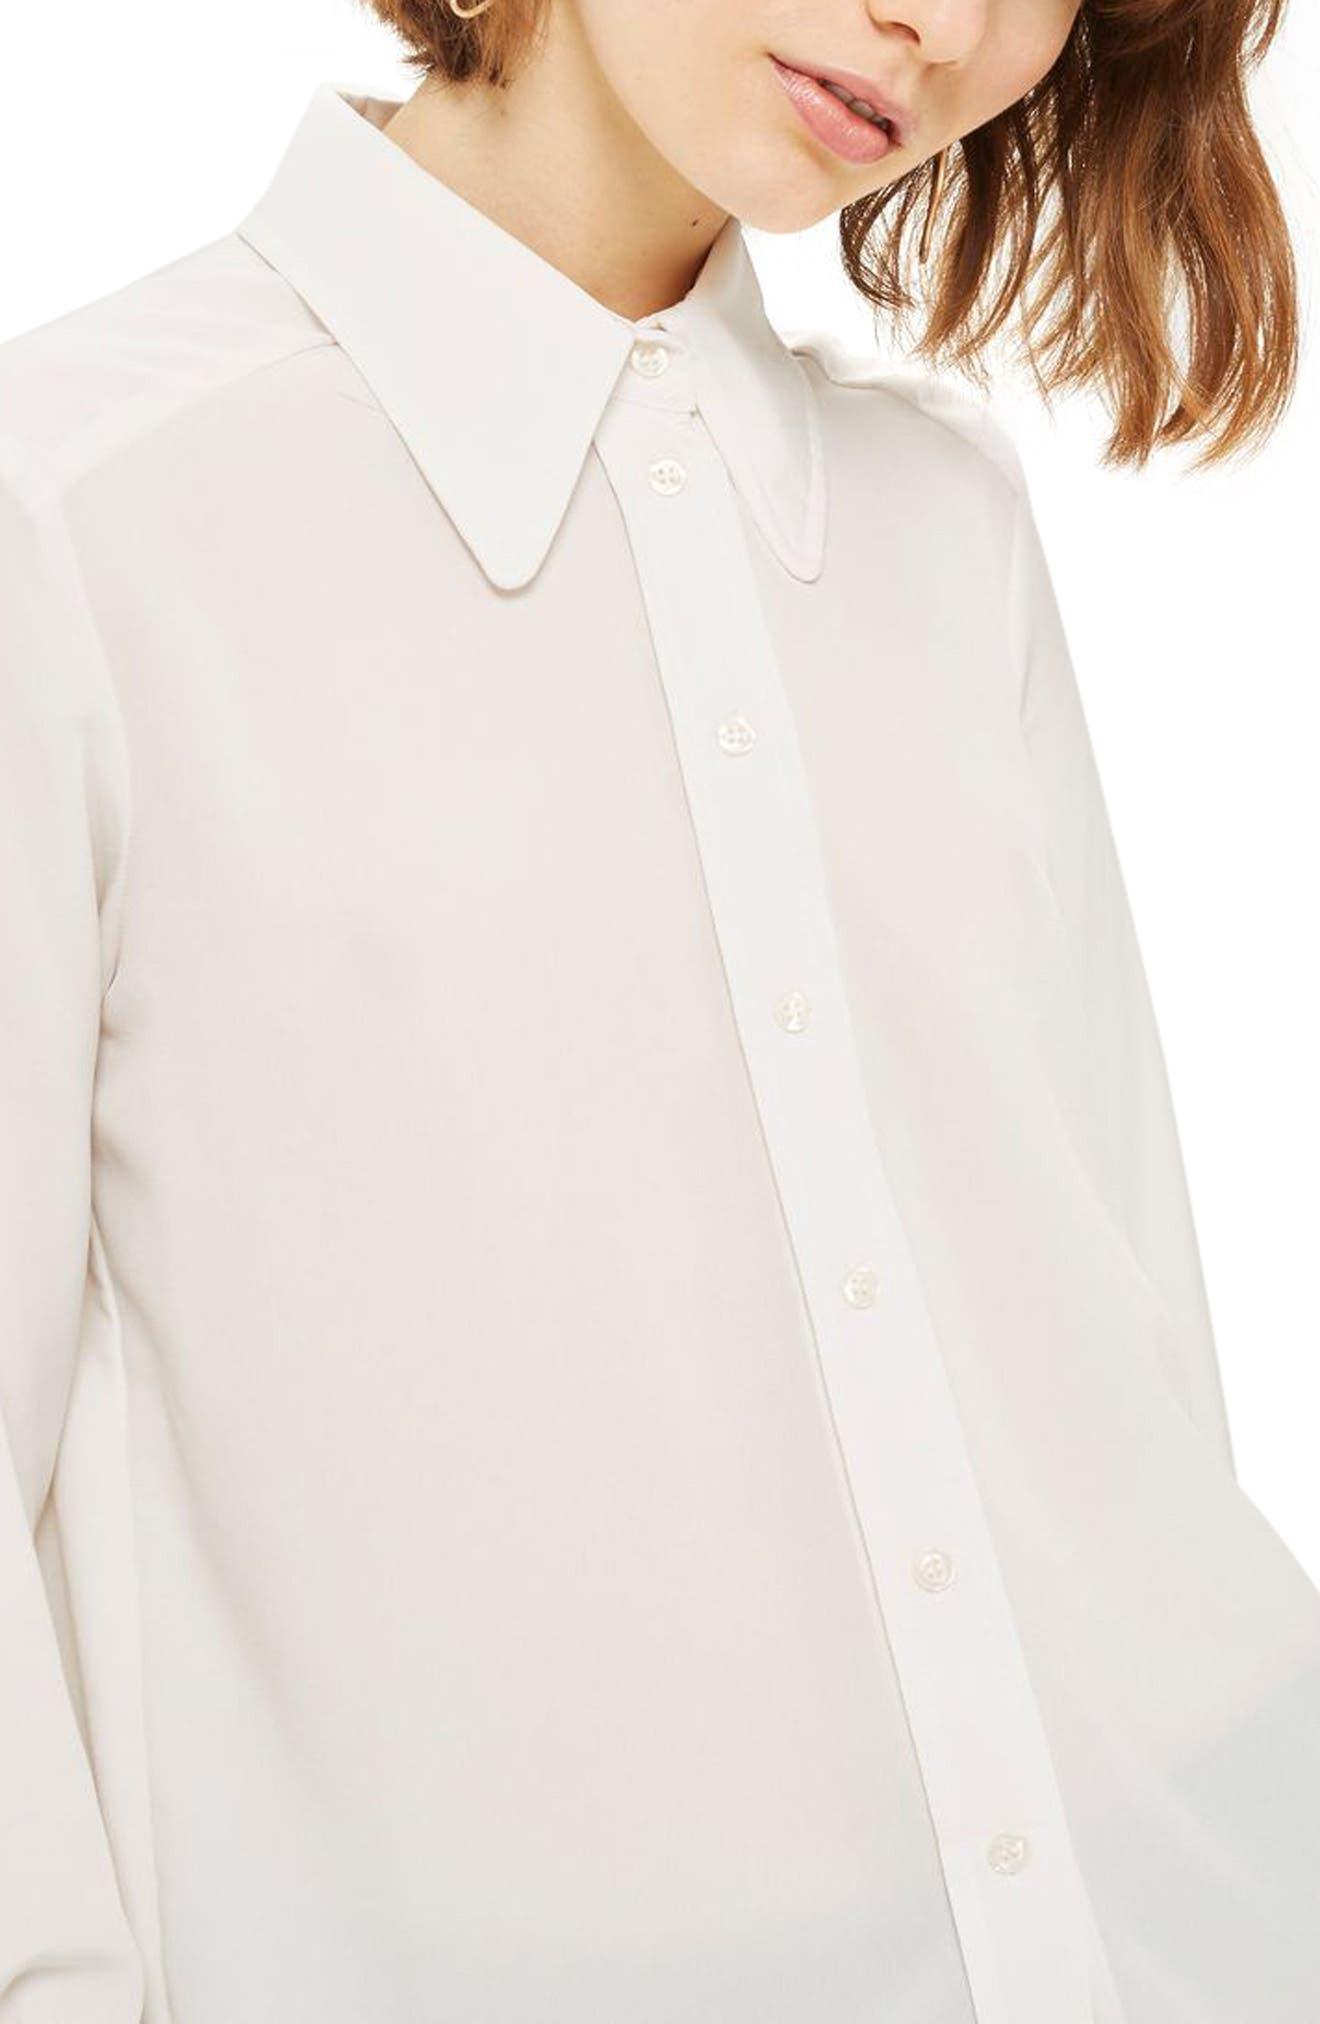 Main Image - Topshop '70s Collar Shirt